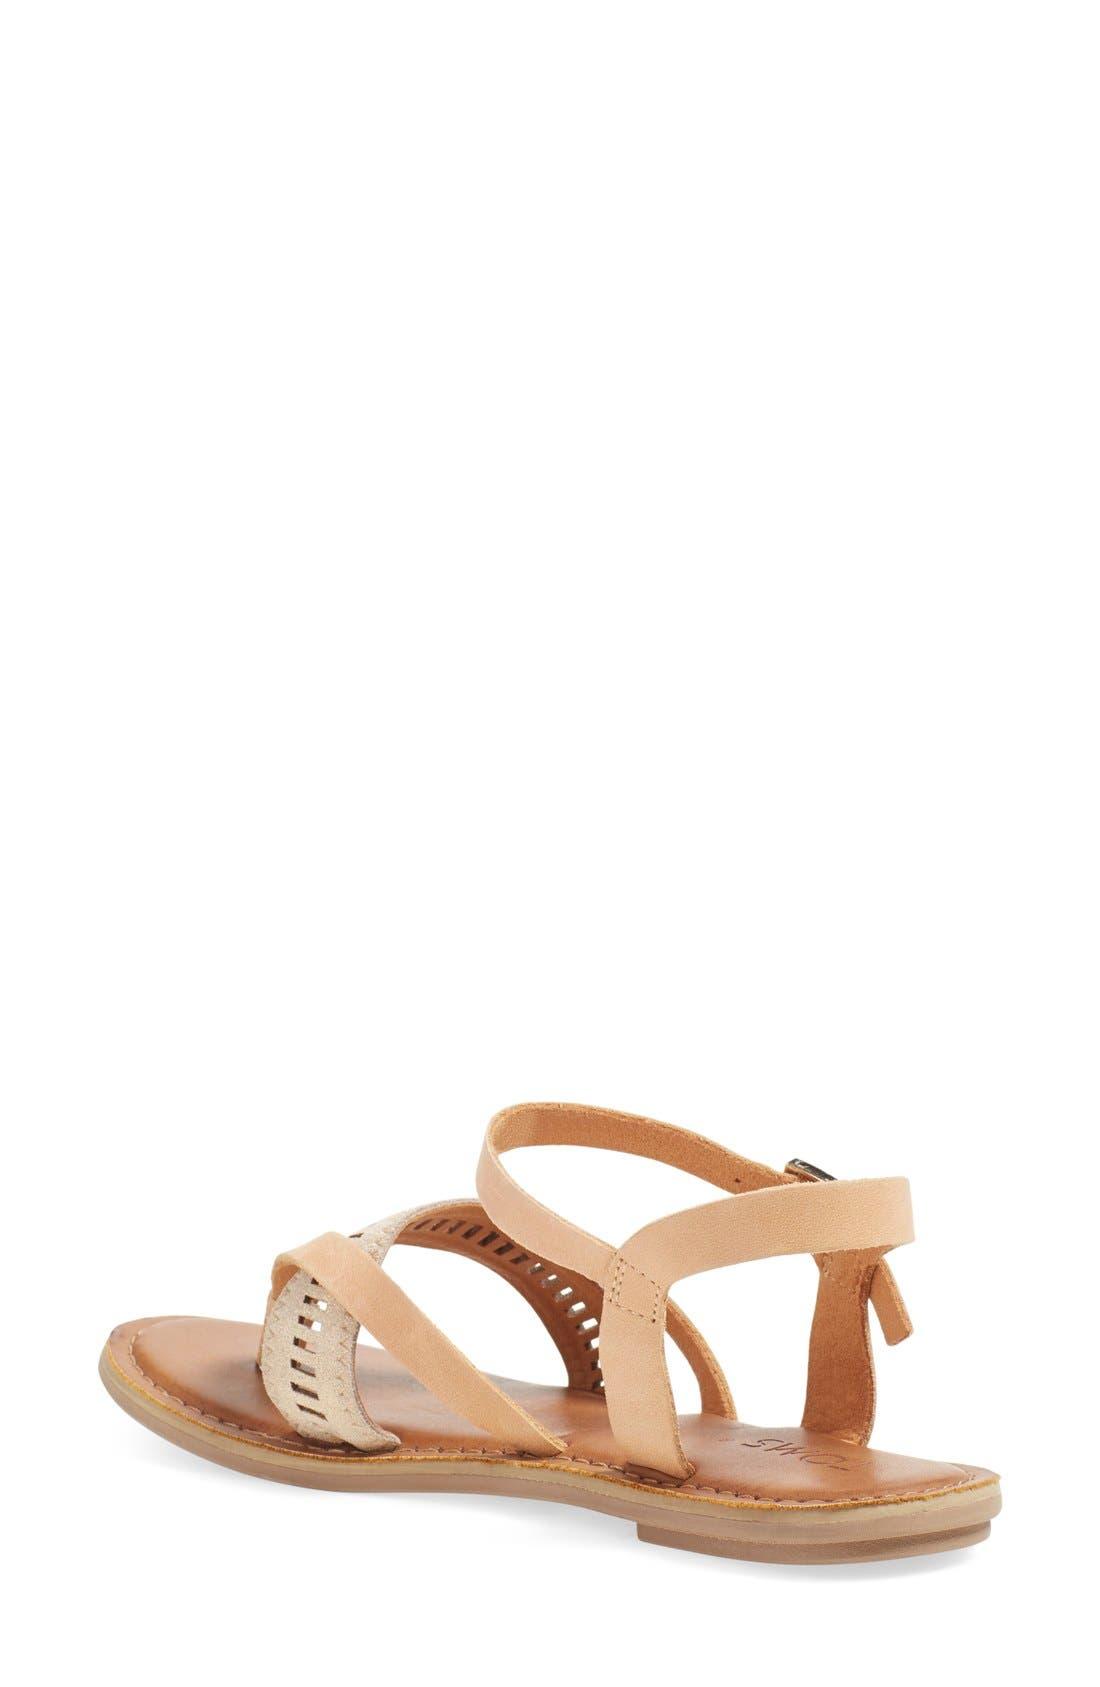 'Lexie' Sandal,                             Alternate thumbnail 2, color,                             Sandstorm Leather